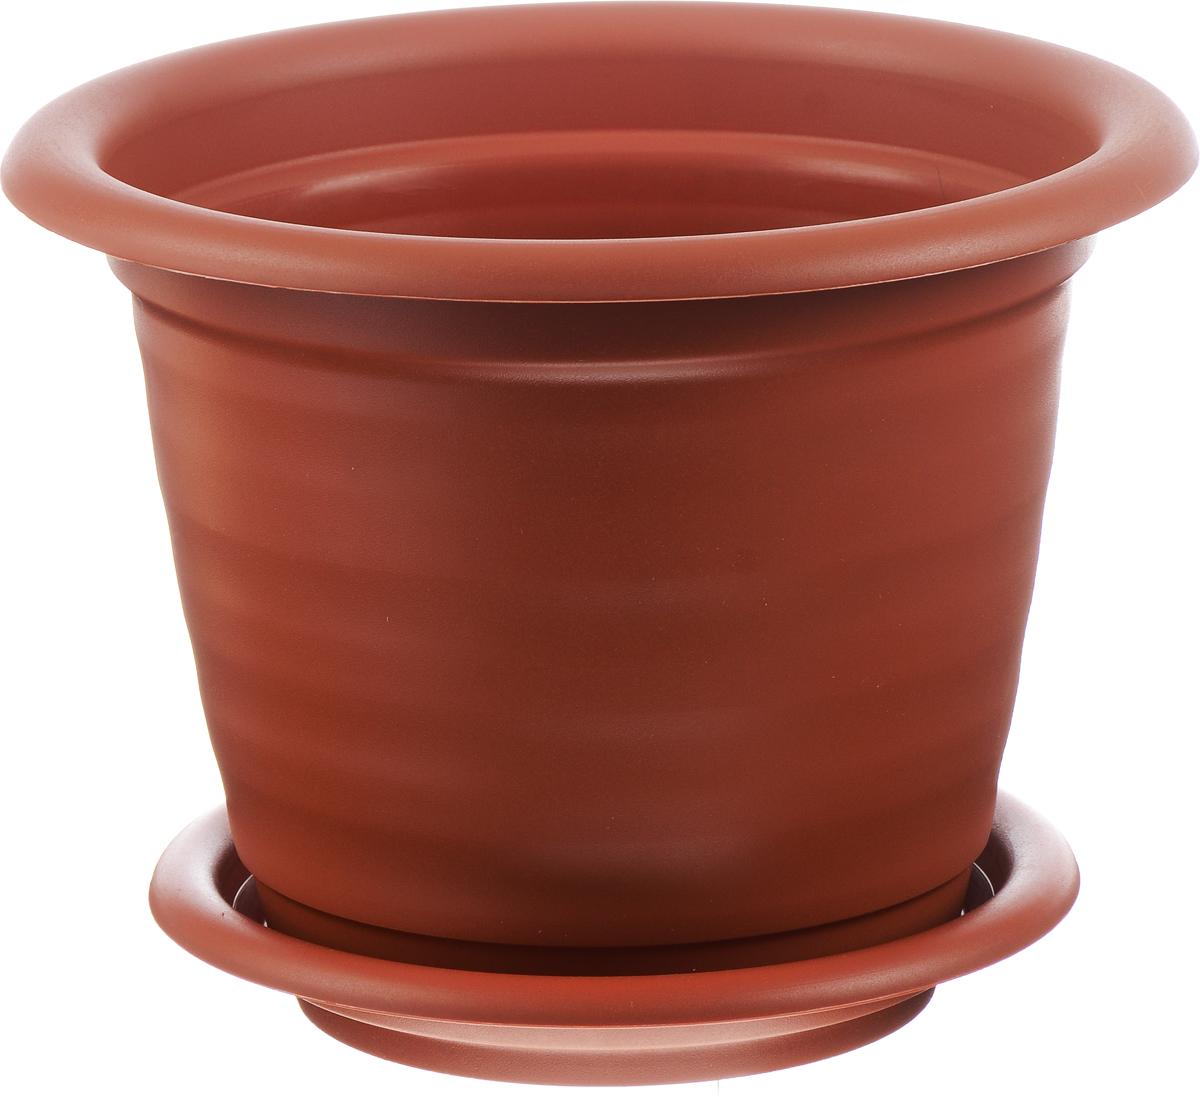 Кашпо Idea Ламела, с поддоном, цвет: терракотовый, 12 лМ 8205Кашпо Idea Ламела изготовлено из высококачественного пластика. Специальный поддон предназначен для стока воды. Изделие прекрасно подходит для выращивания растений и цветов в домашних условиях. Лаконичный дизайн впишется в интерьер любого помещения. Диаметр поддона: 28 см. Объем кашпо: 12 л. Диаметр кашпо по верхнему краю: 33 см.